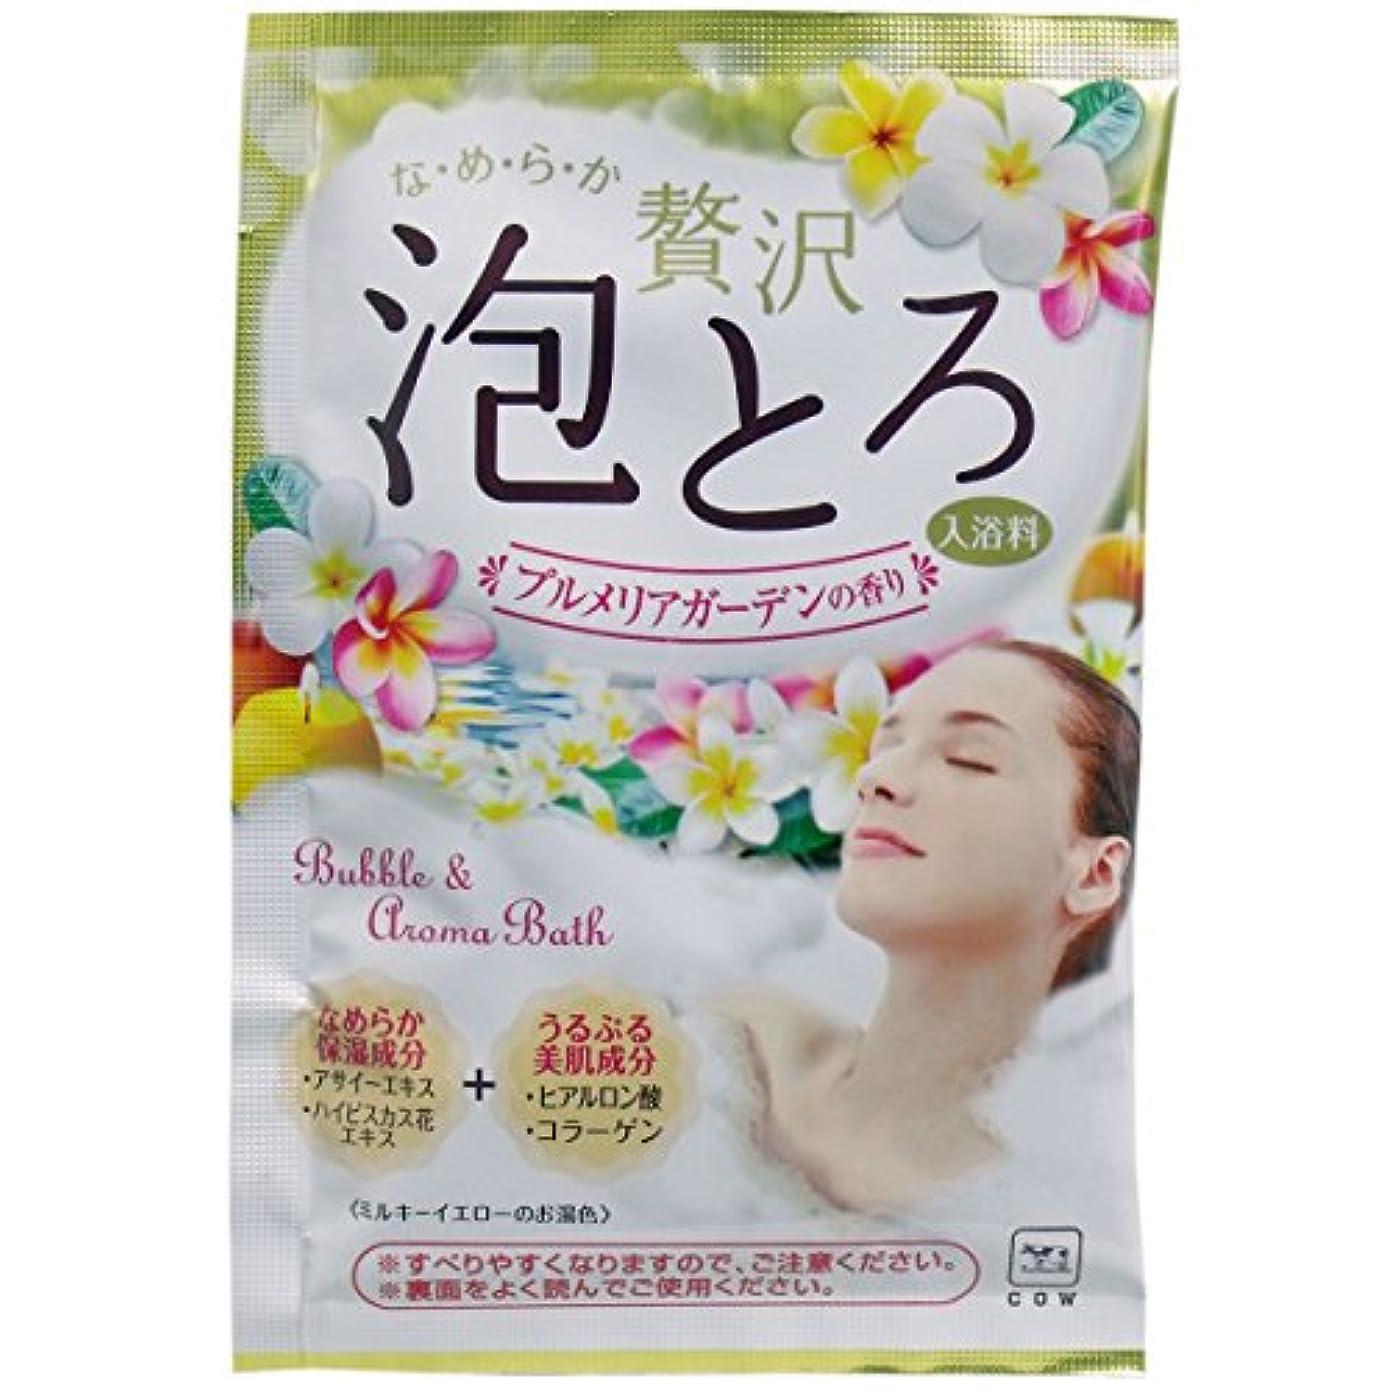 デマンド顔料息切れ牛乳石鹸共進社 お湯物語 贅沢泡とろ 入浴料 プルメリアガーデンの香り 30g